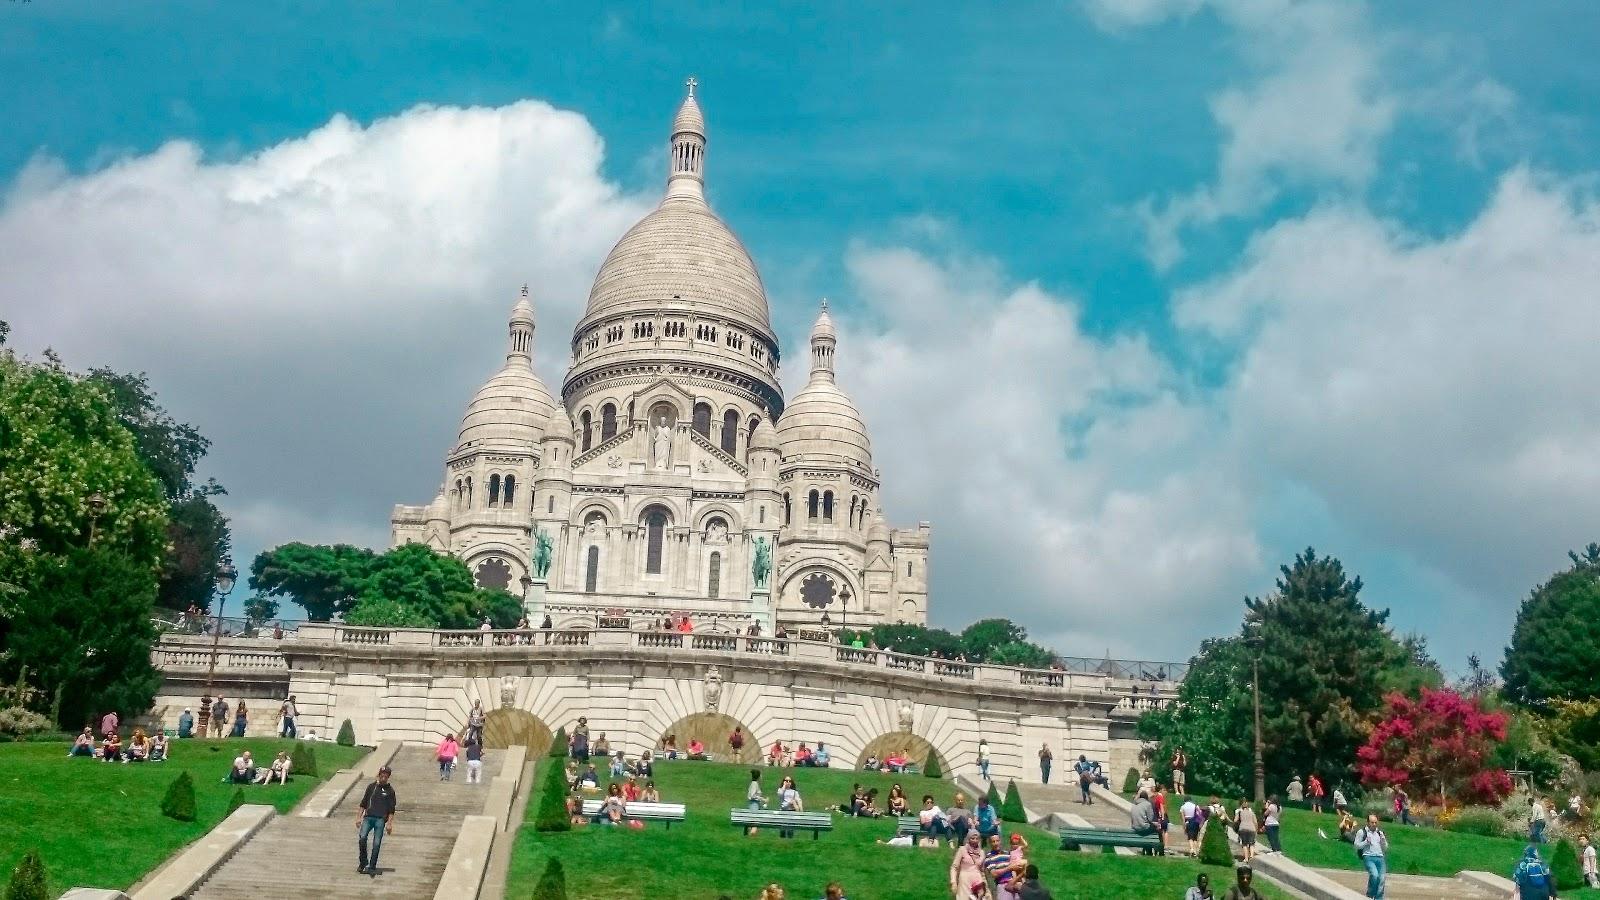 Paris Day 1: Montmartre